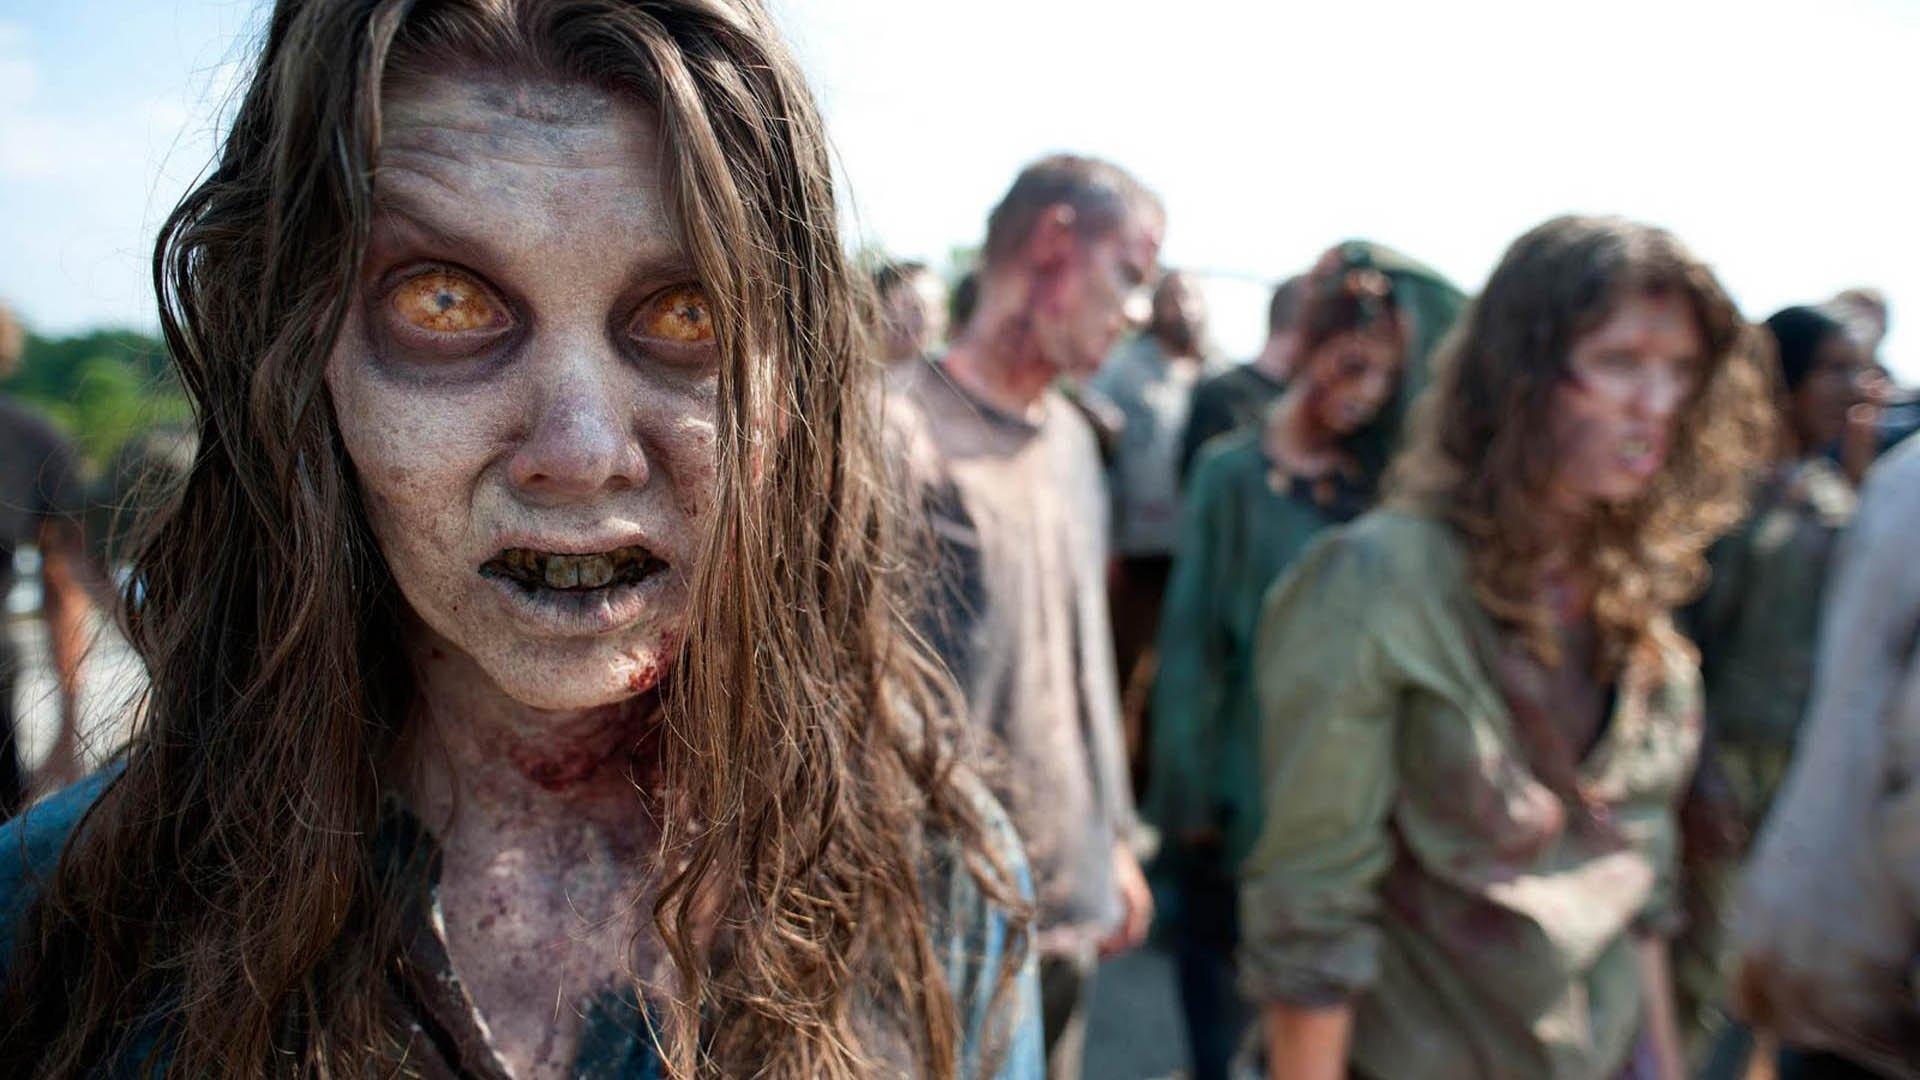 Гайд по выживанию в условиях зомби-апокалипсиса или как я переиграл в игры про зомби - Изображение 1